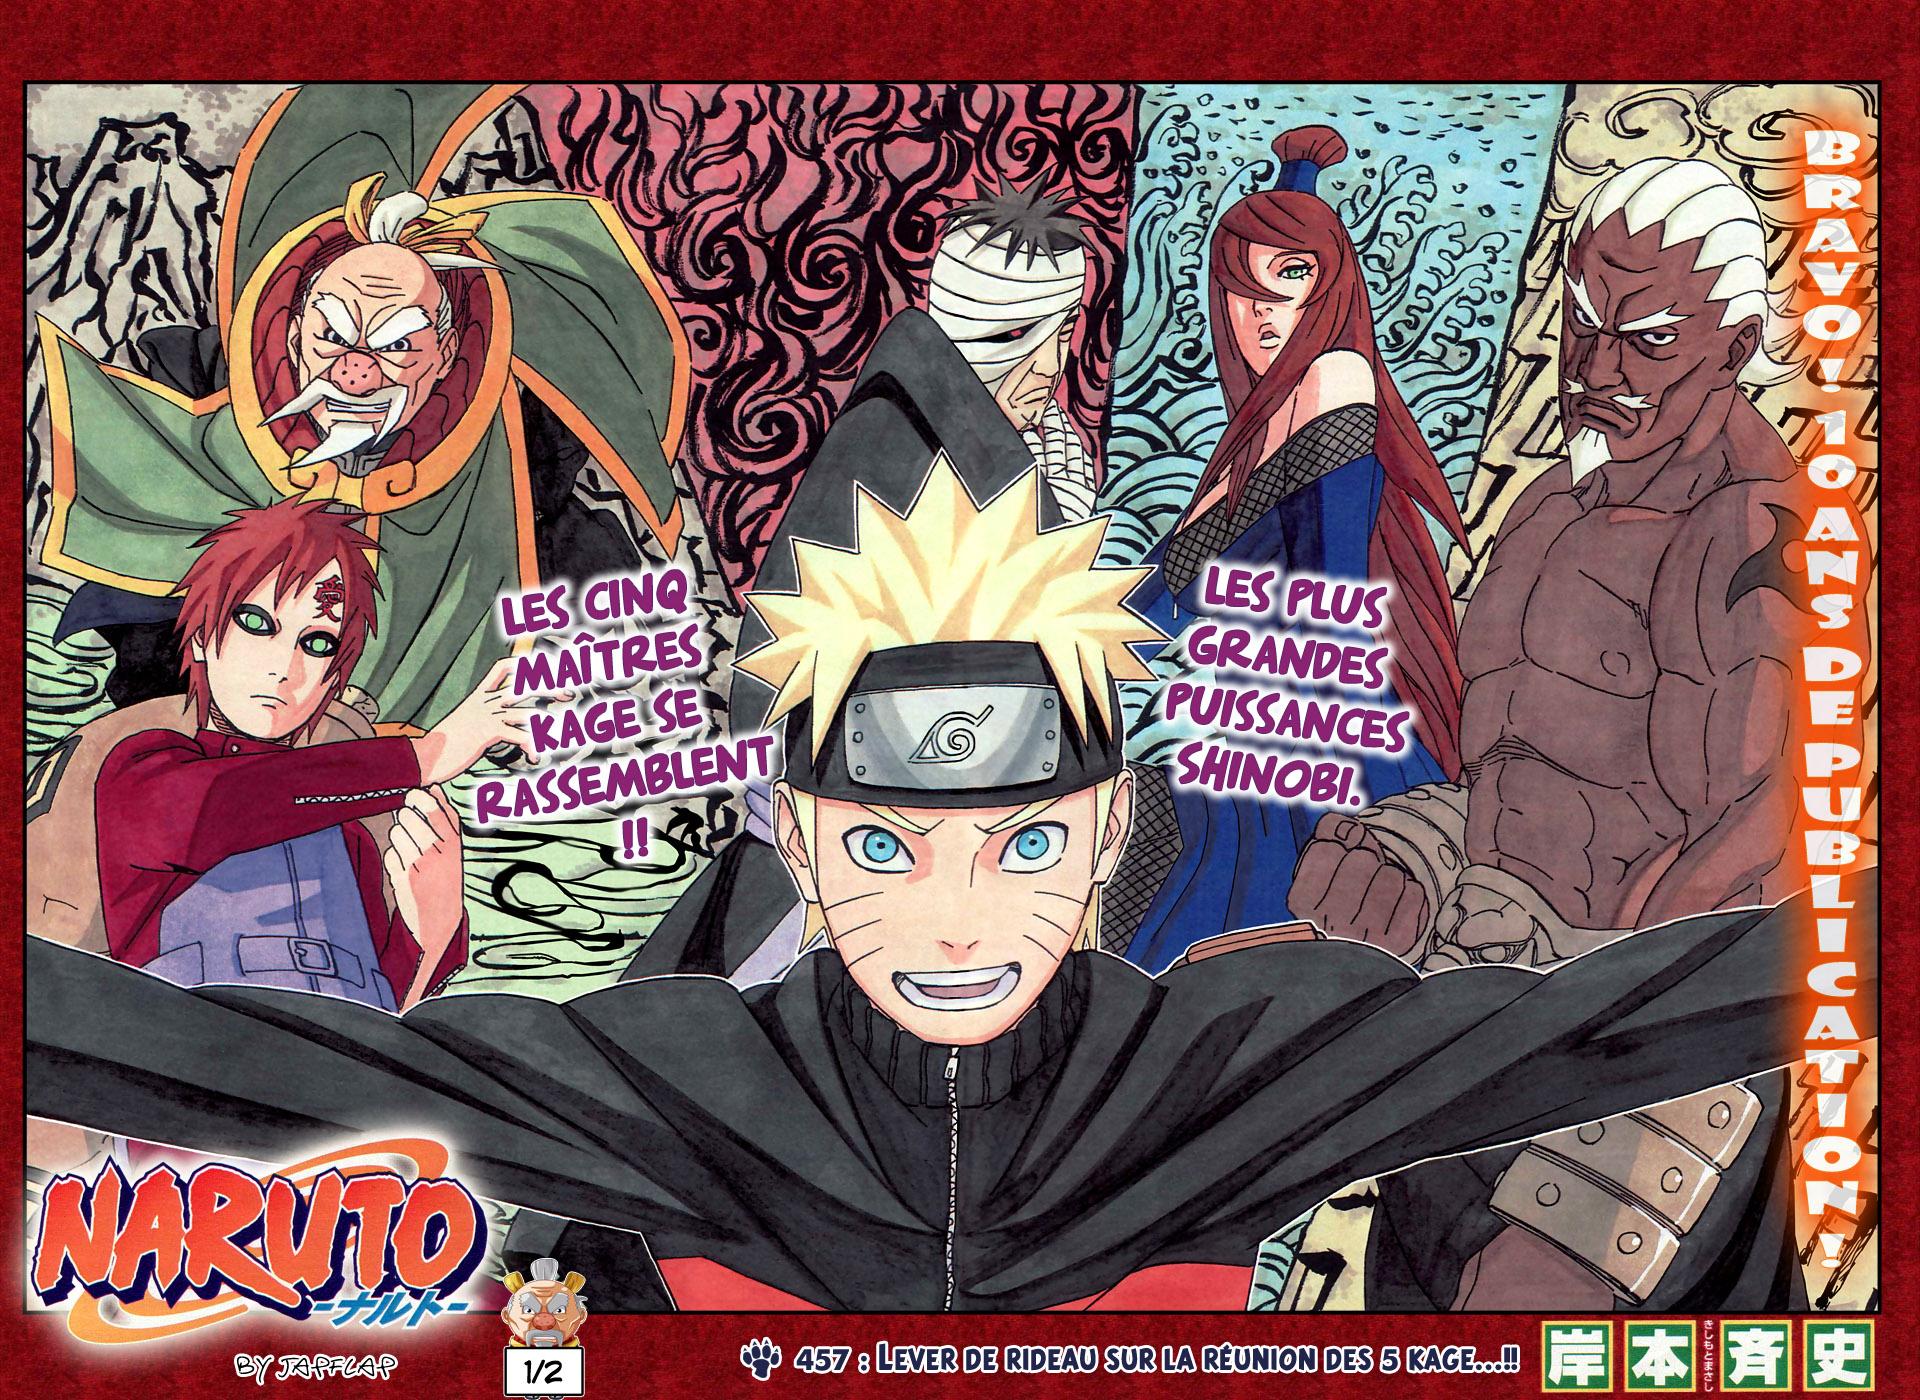 Naruto chapitre 457 - Page 1